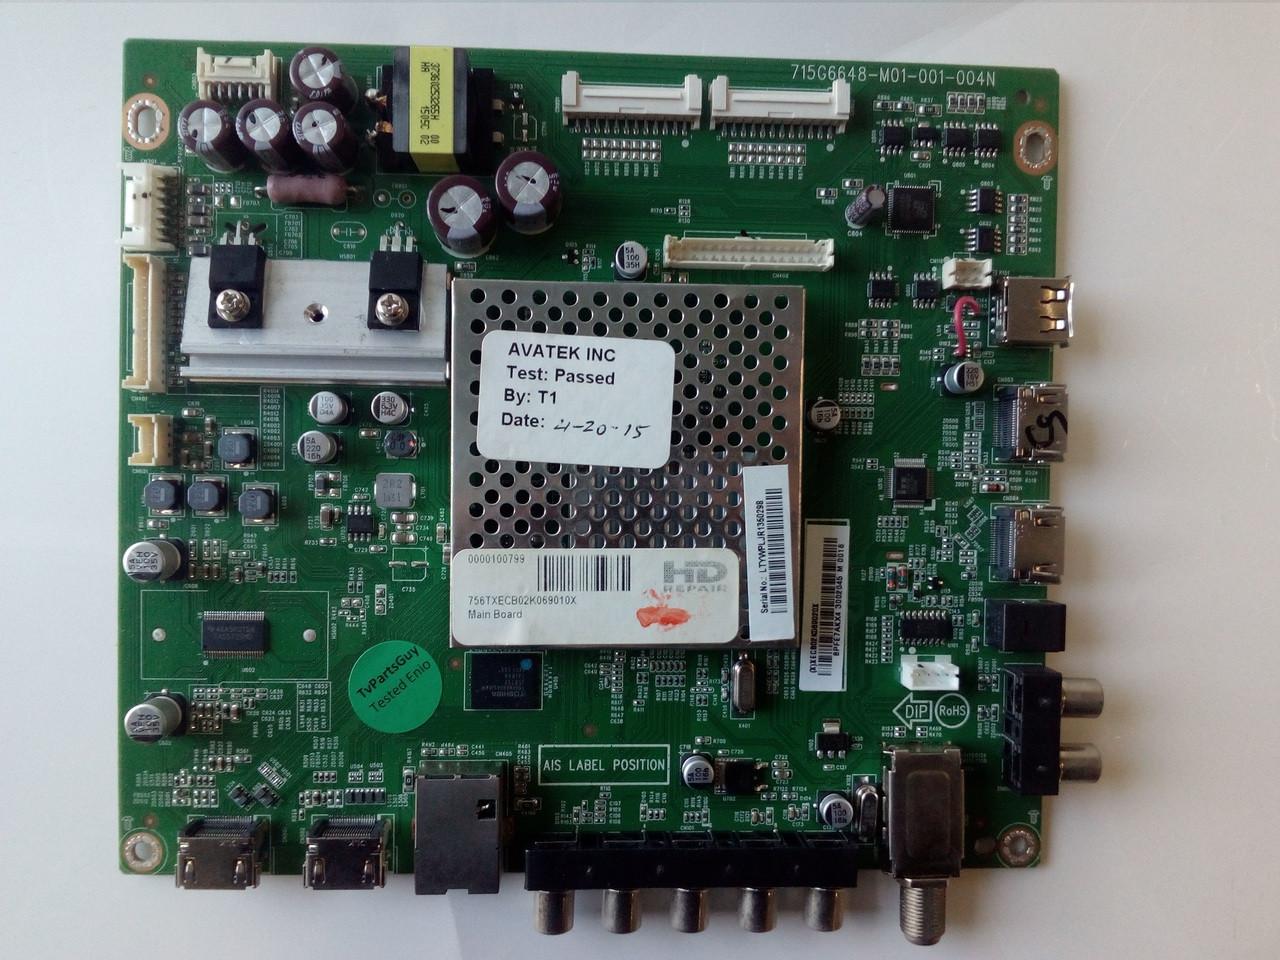 VIZIO E500I-B1 MAIN BOARD 715G6648-M01-001-004N